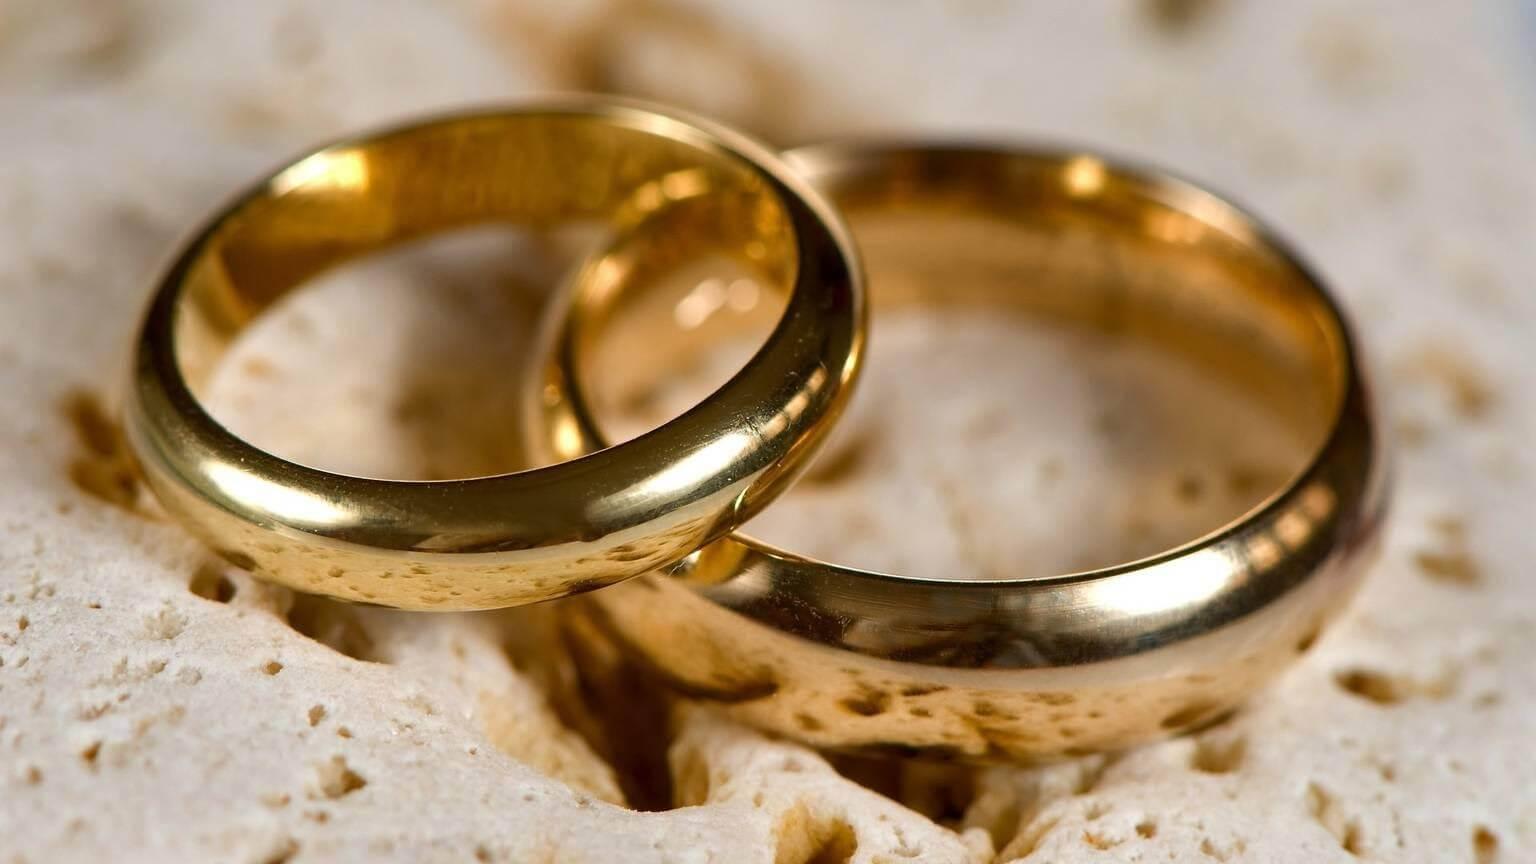 7 Reglas de Oro de Saviduría Evangelica, para el Matrimonio, cuando haya conflictos en la relación de Pareja.